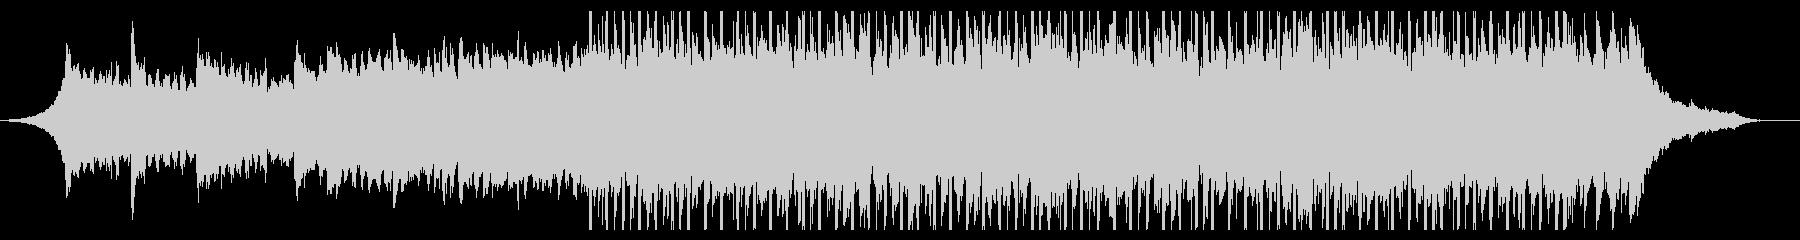 チャンピオン(60秒)の未再生の波形